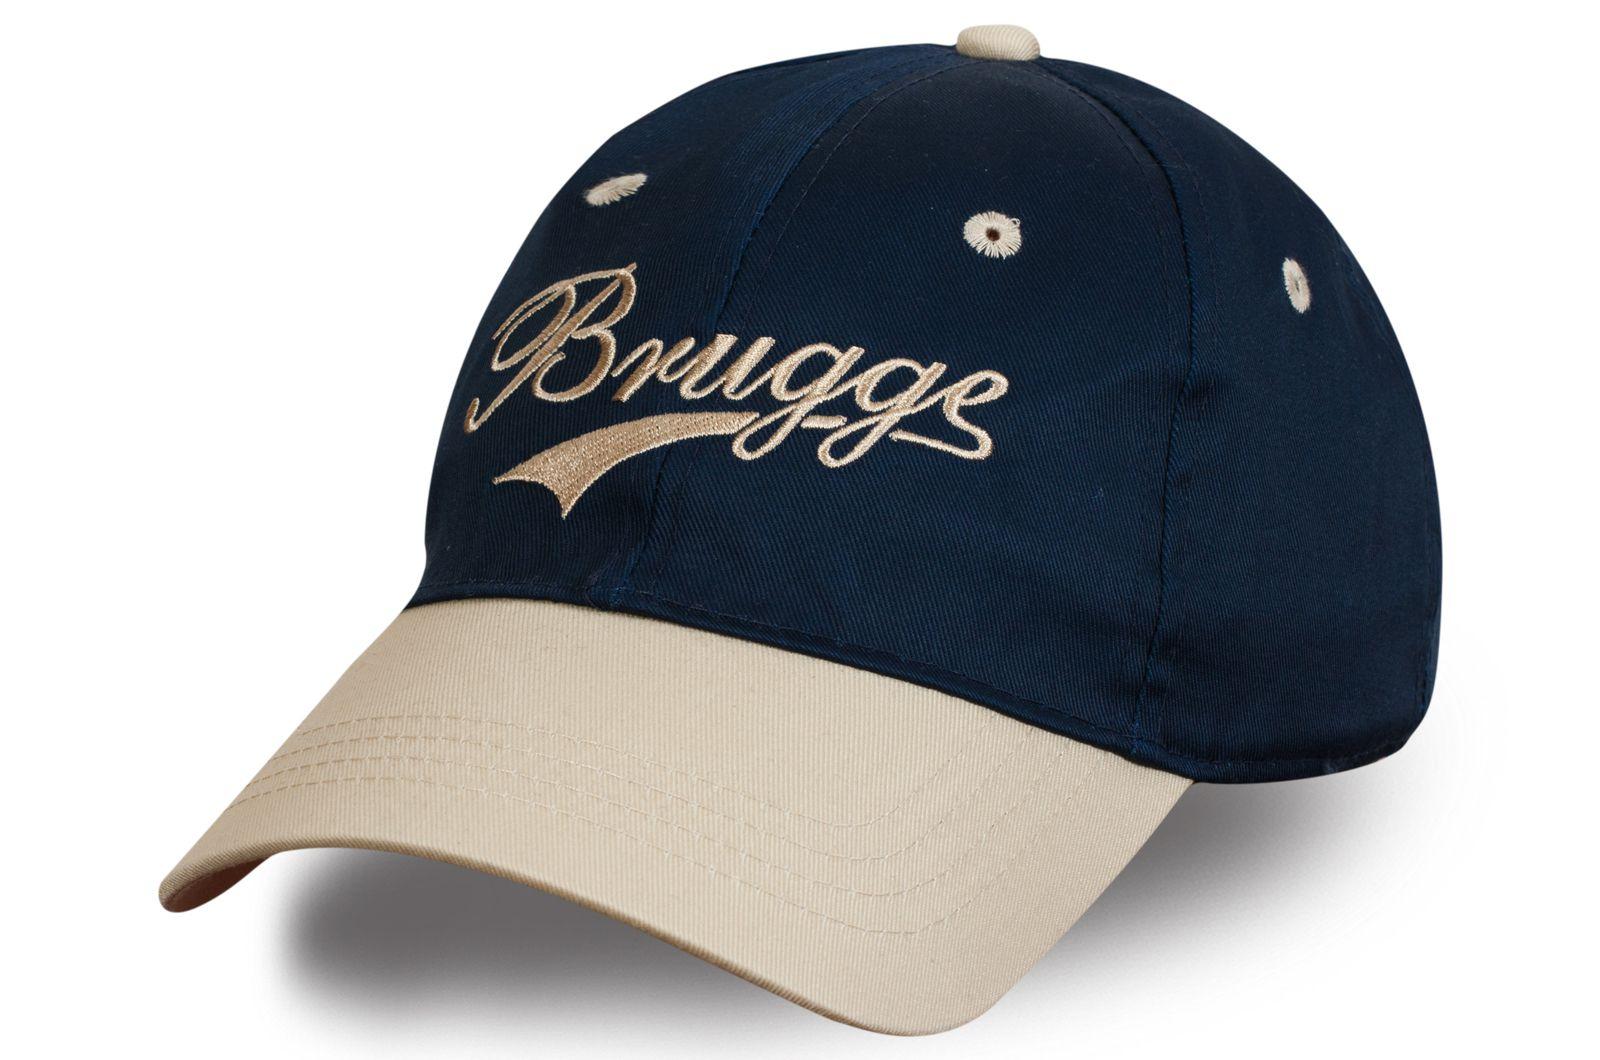 Бейсболка Bruggs | Купить классическую бейсболку